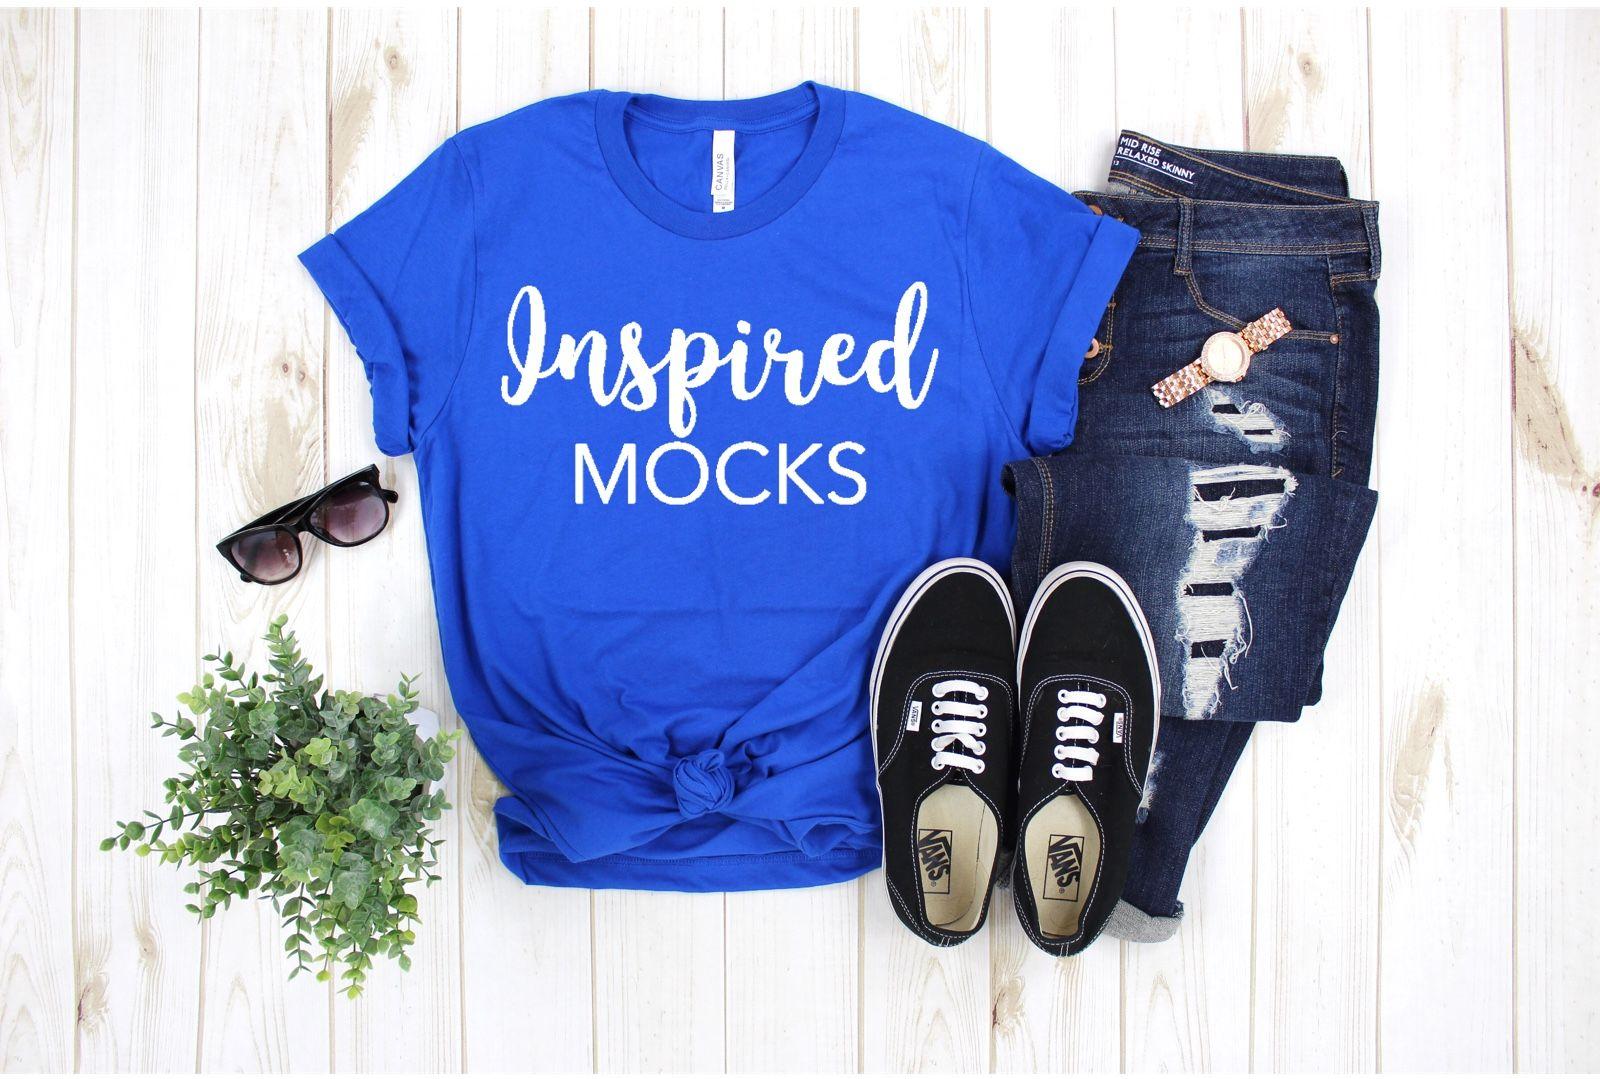 T-shirt Mockup Unisex Shirt Mockup Workout Mockup Bella Canvas mockup Mock Up Flat Lay Bella Canvas 3001 Navy Mockup